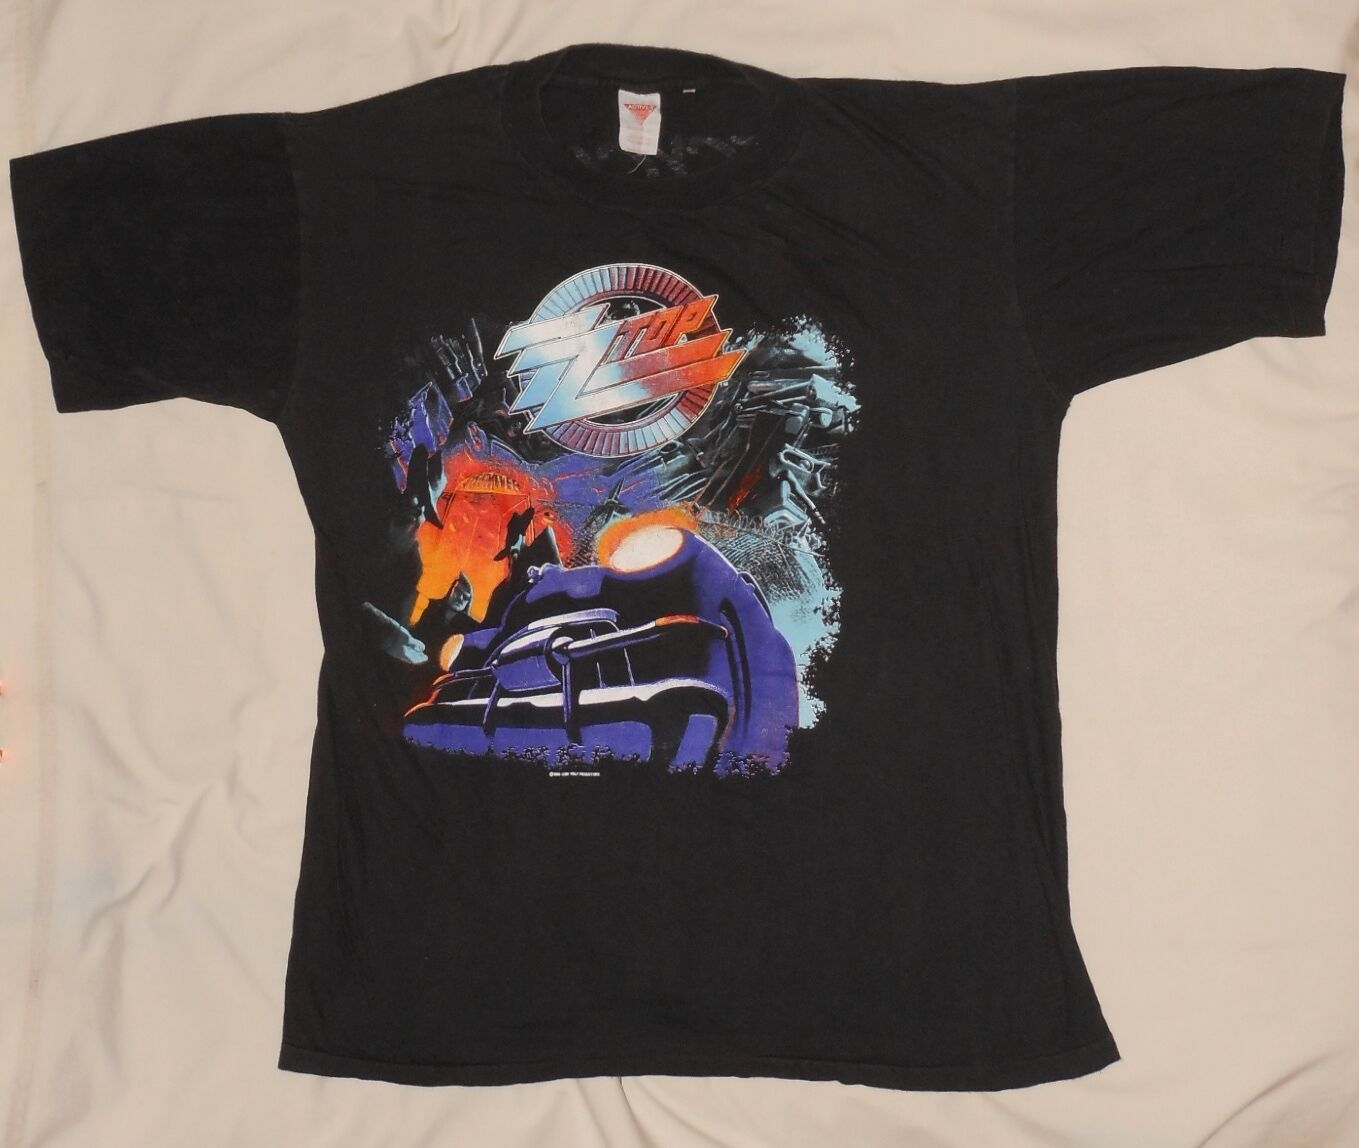 Vtg 90s ZZ TOP Recycler World Tour 1991 Concert T-shirt XL